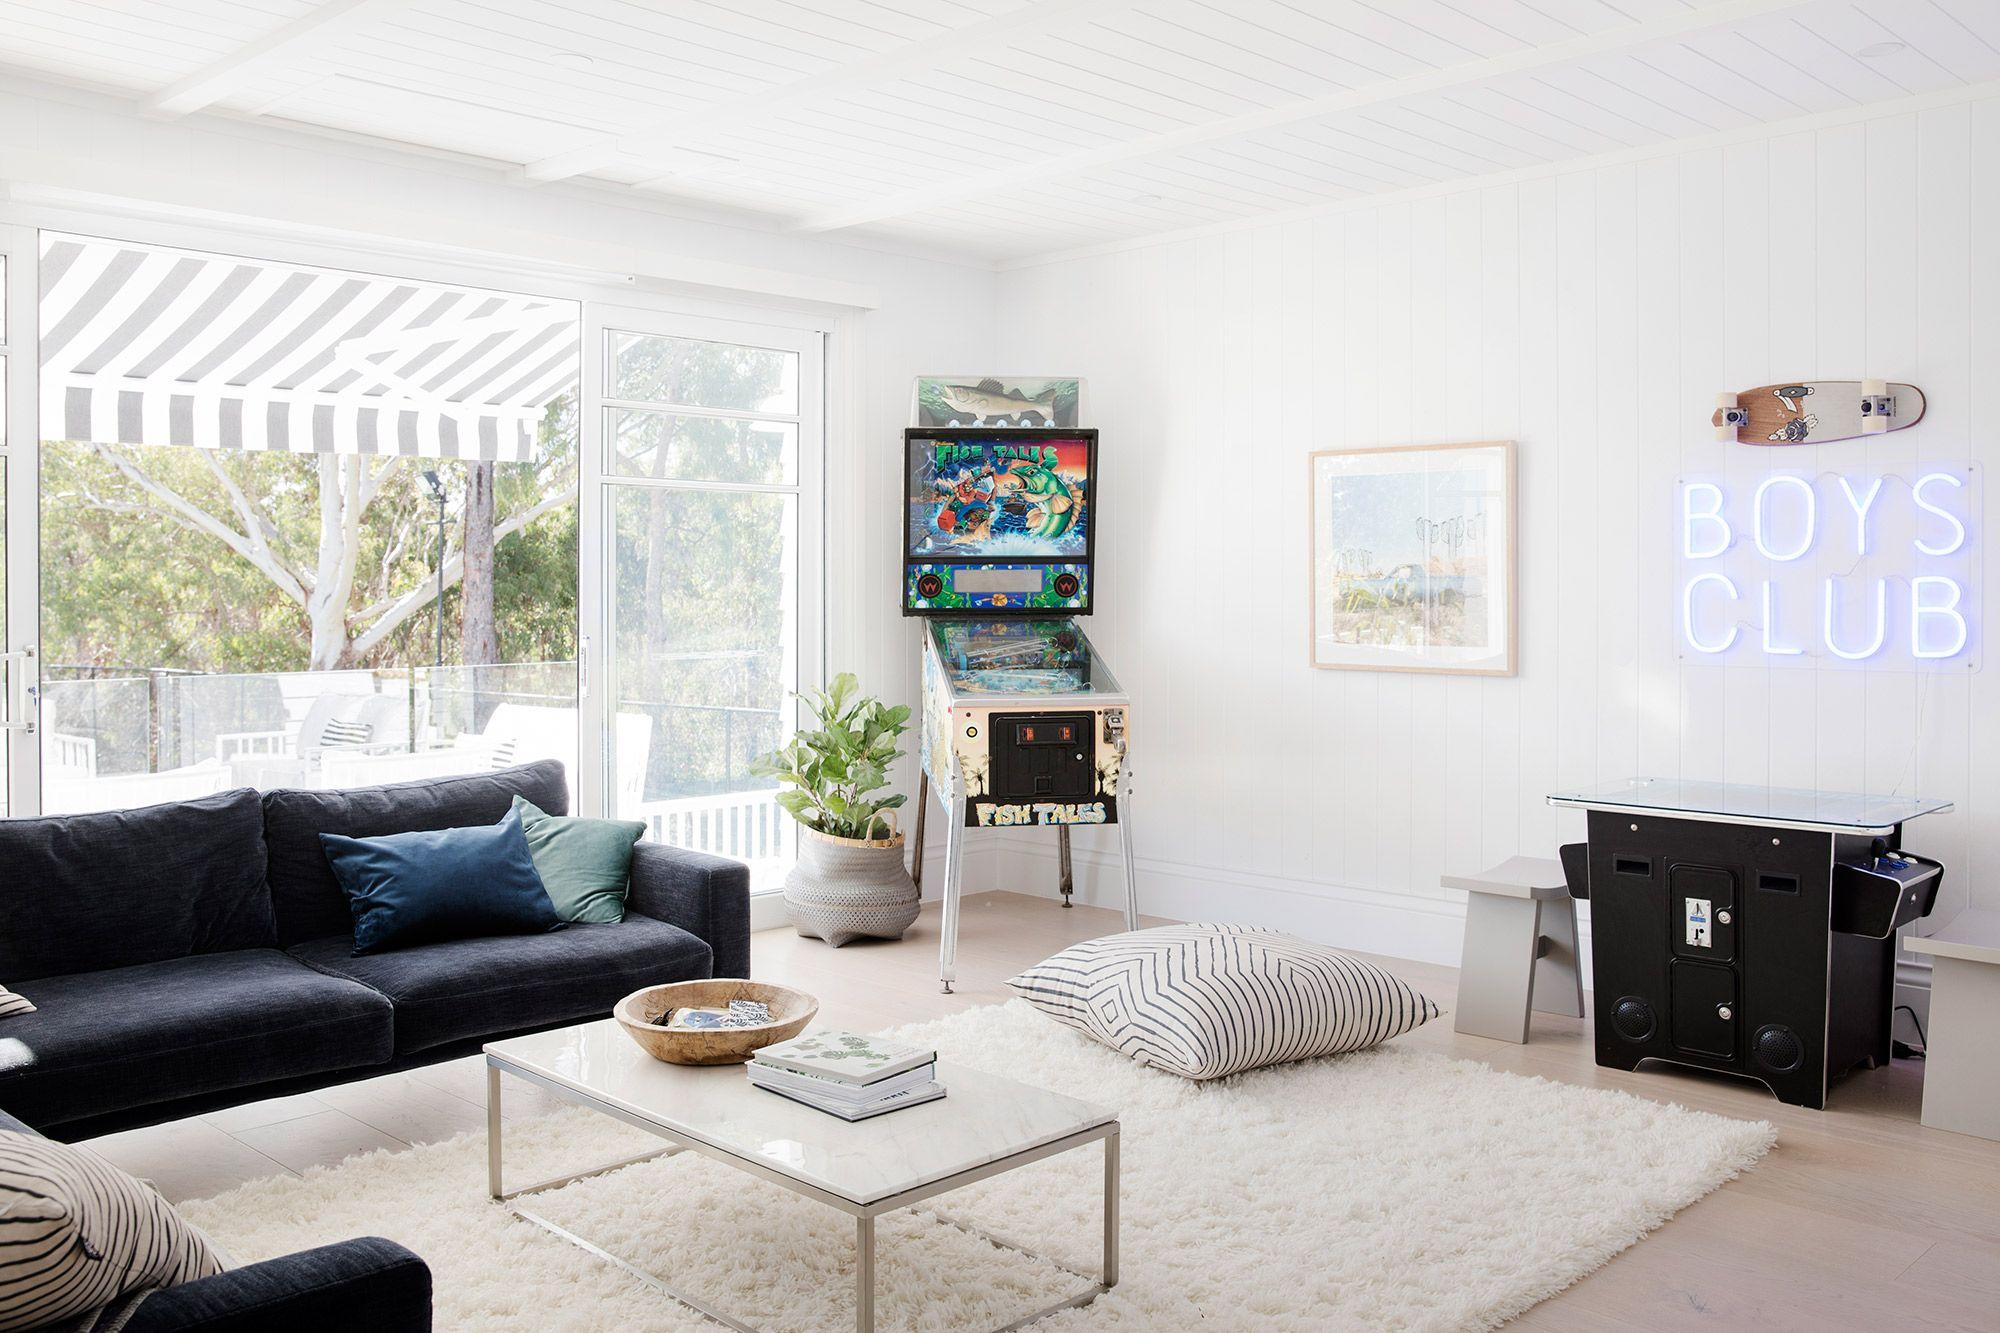 My dream home interior design bonnieus dream home kids play room and lounge  destined to design